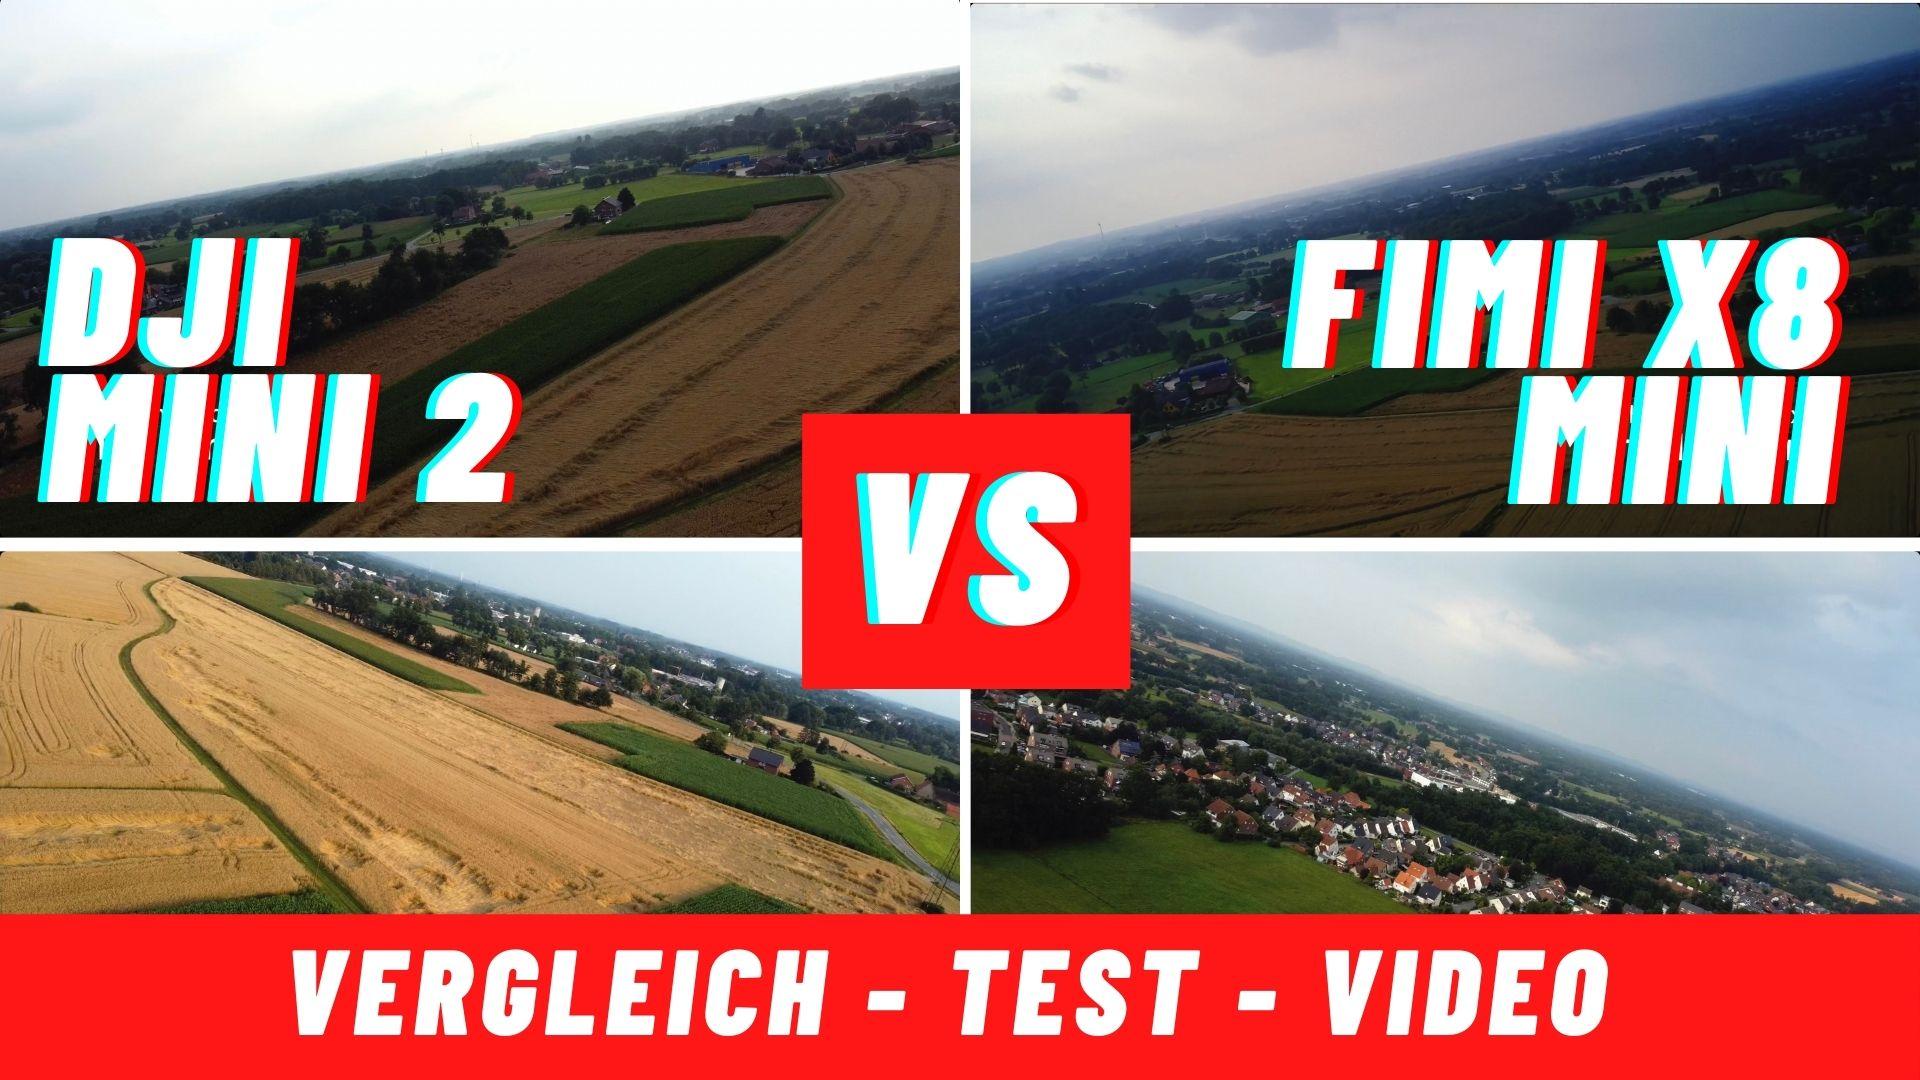 DJI Mini 2 vs Fimi x8 Mini – welche Drohne ist besser?